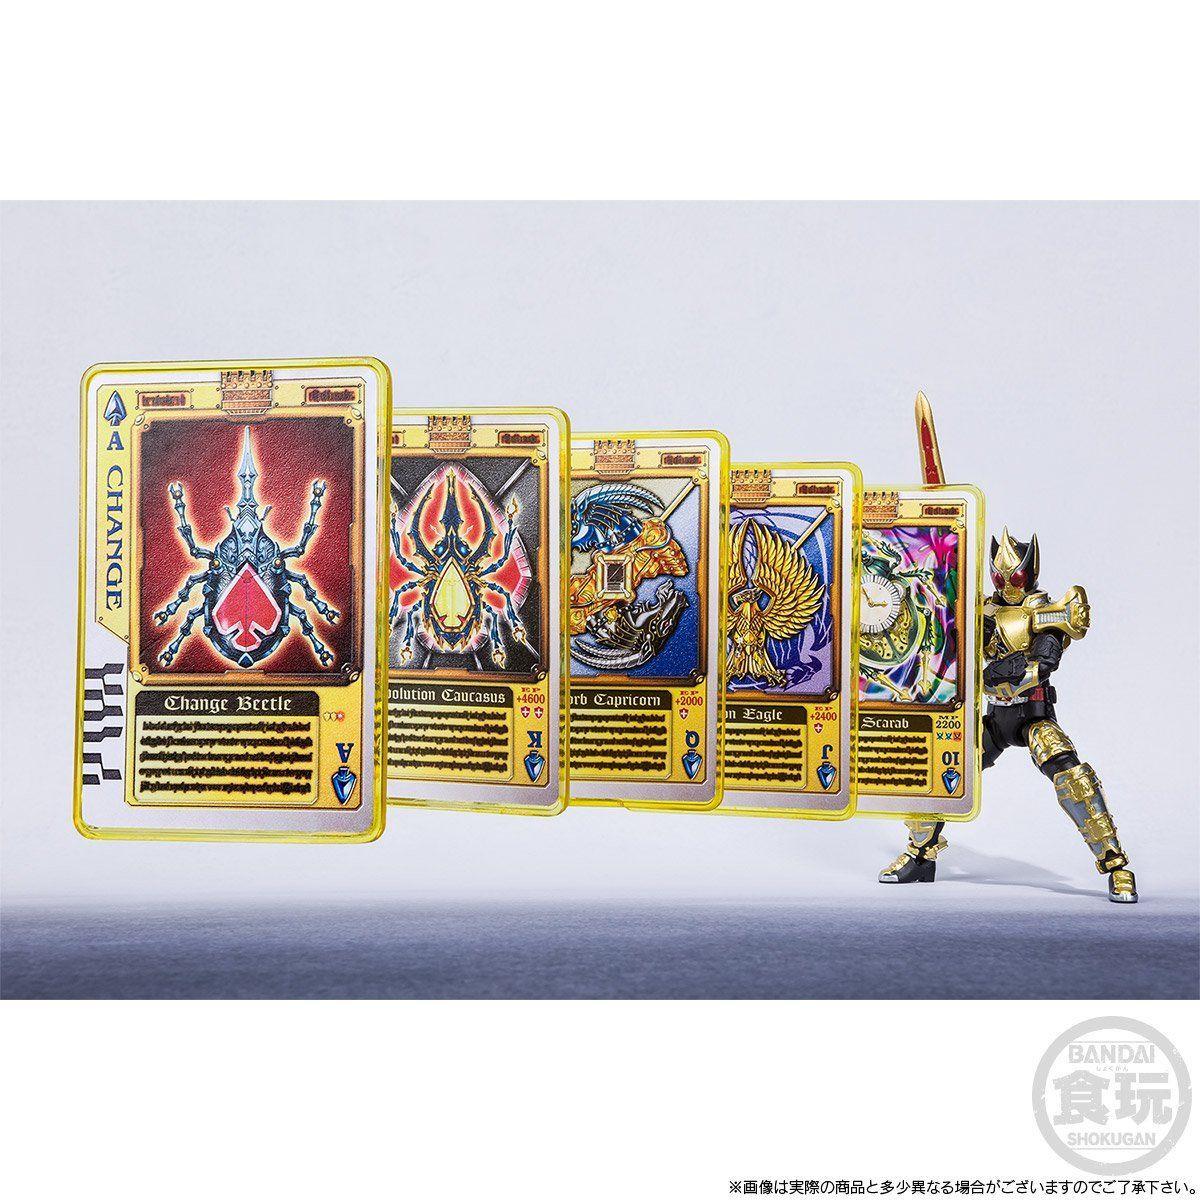 【限定販売】【食玩】SHODO-X『仮面ライダー剣 キングフォームセット』可動フィギュア-009